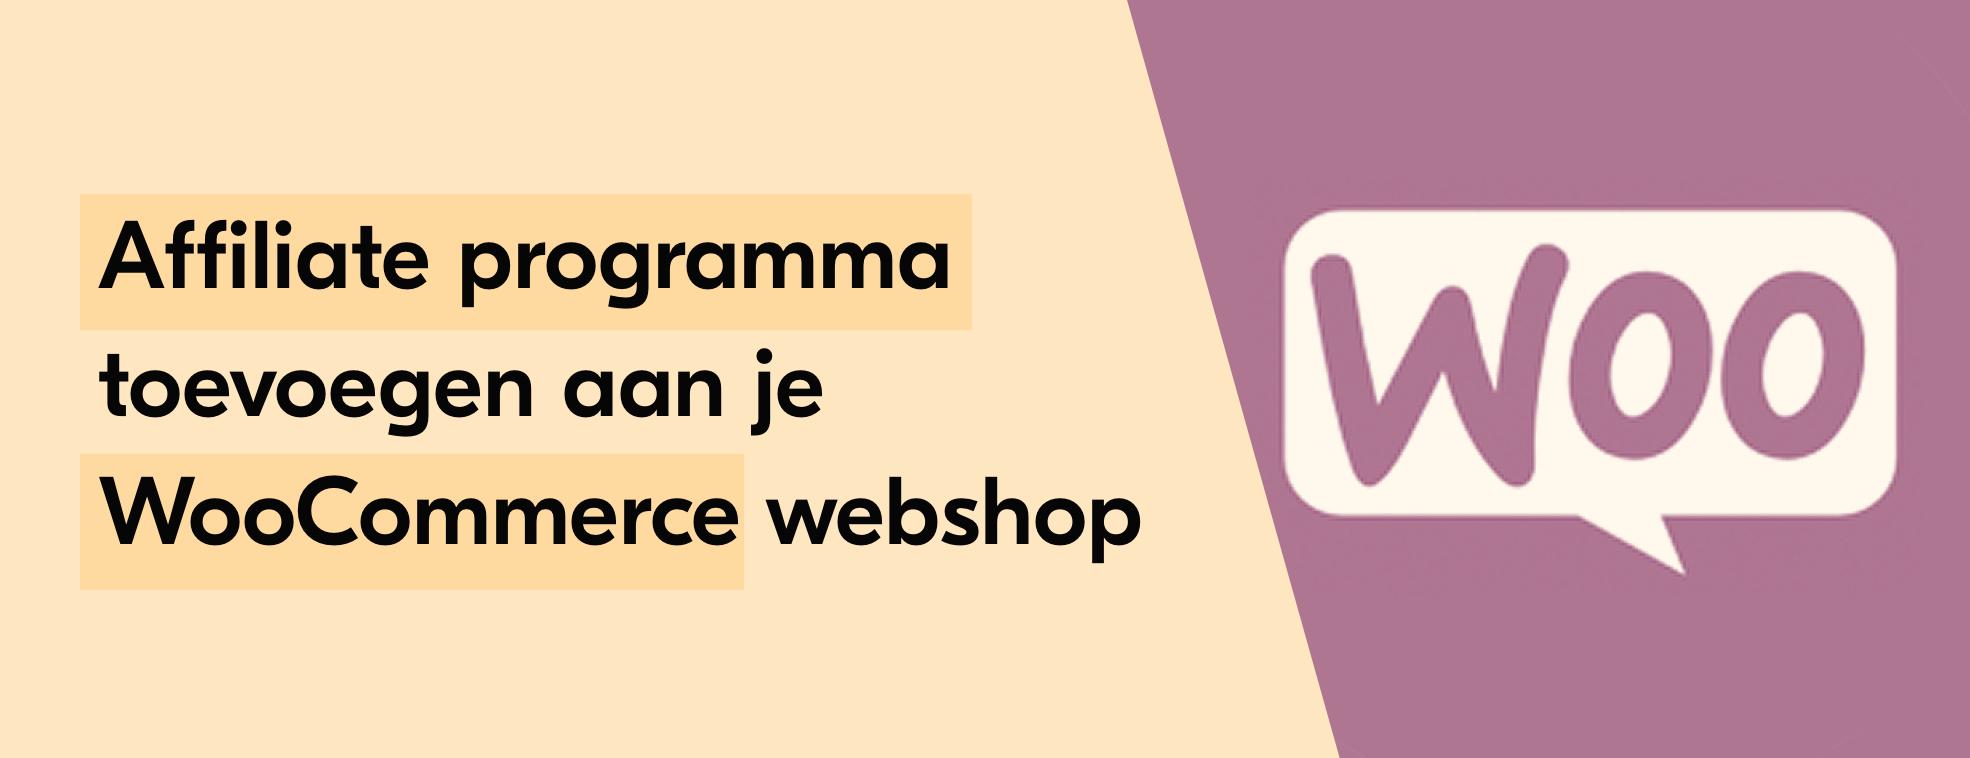 Affiliate programma toevoegen aan je WooCommerce webshop